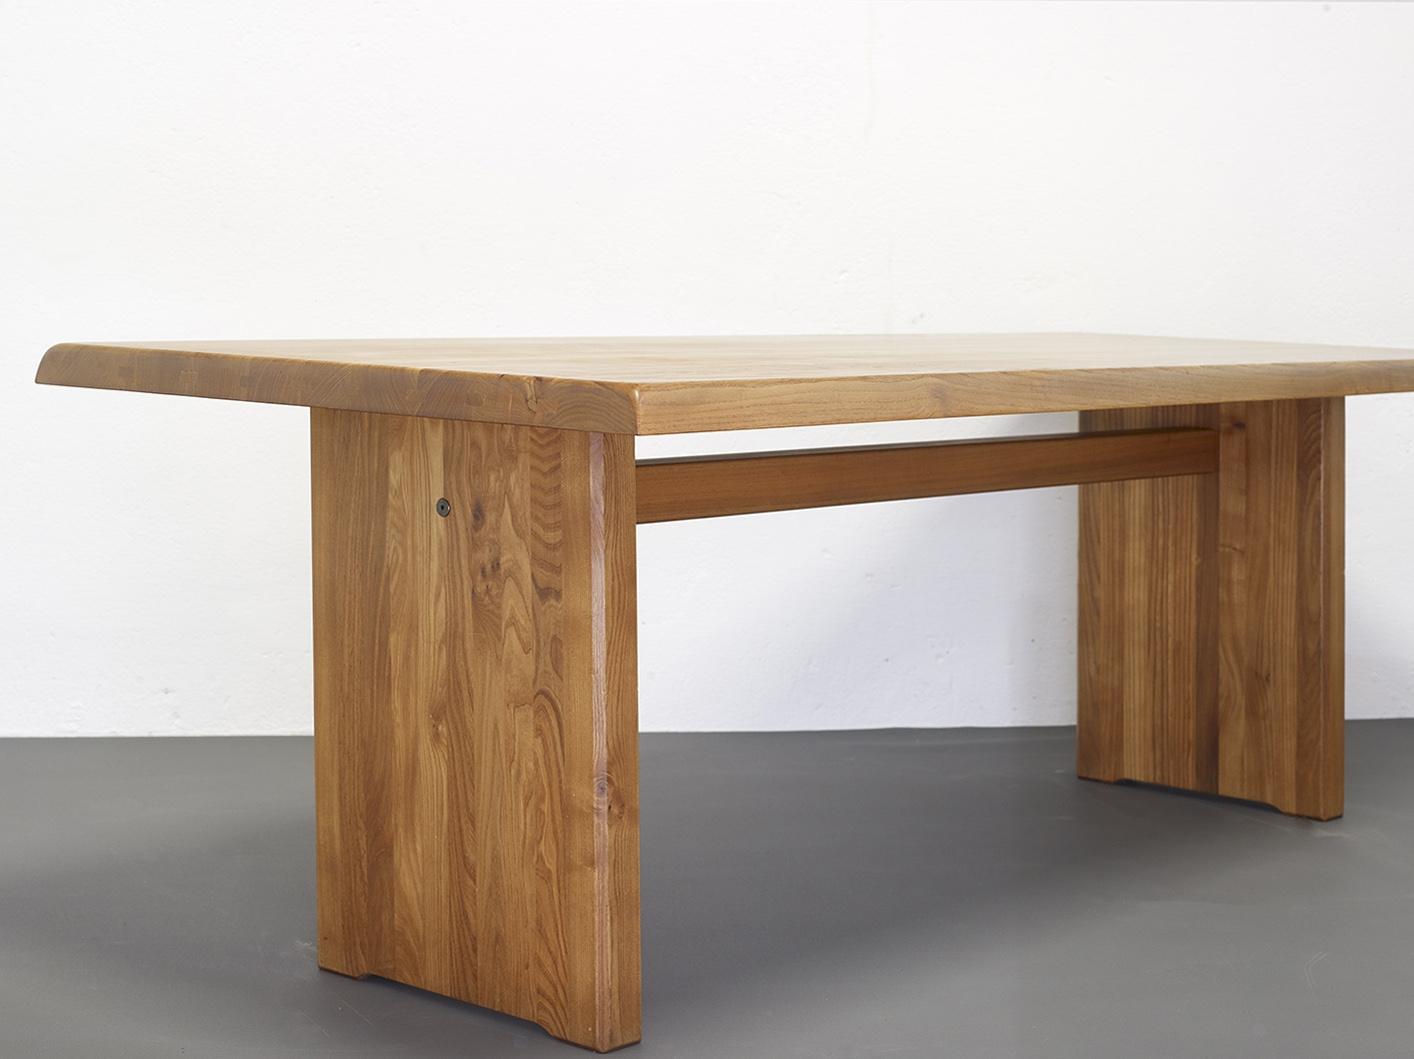 table-t14d-en-orme-de-pierre-chapo-ed-chapo-image-06